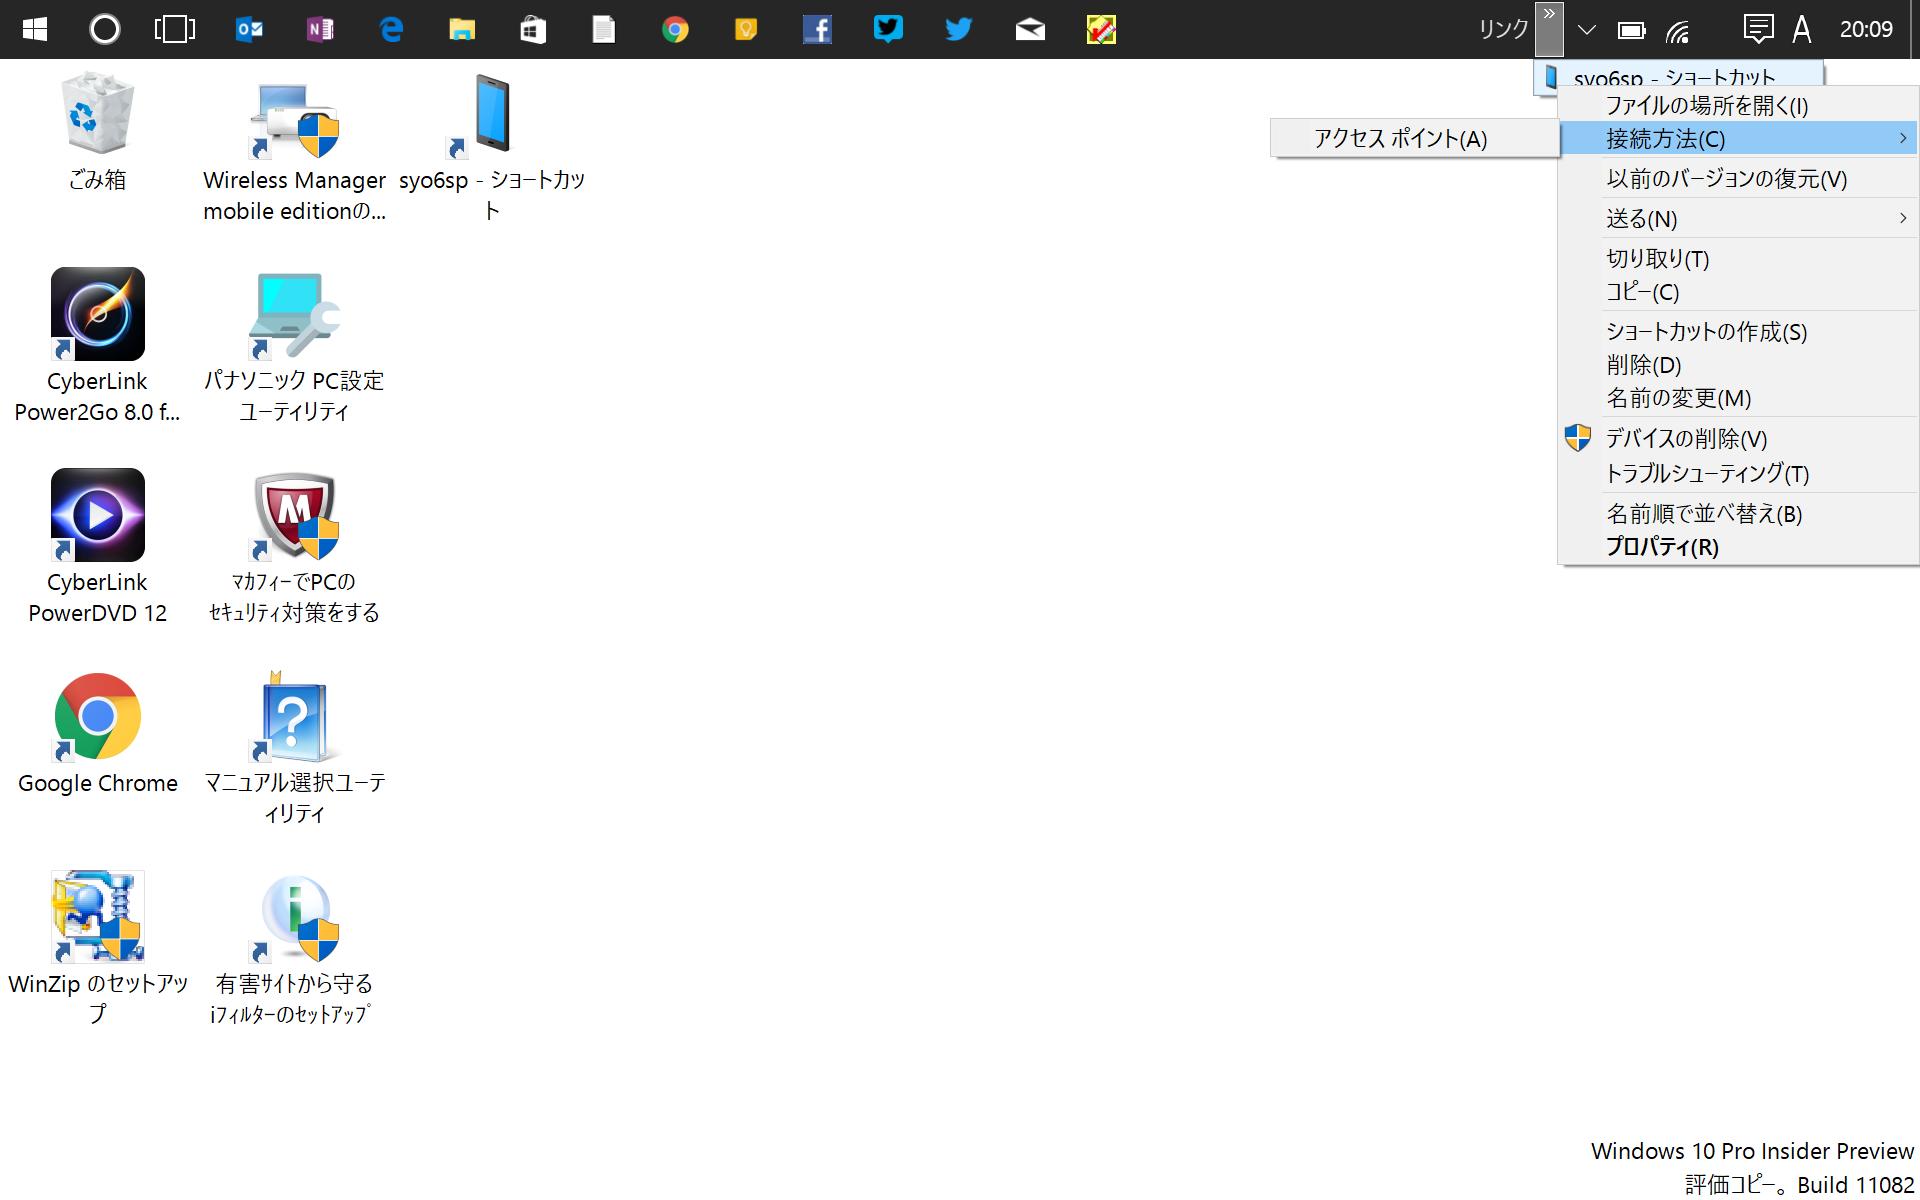 ショートカットをドロップしておき、タスクバーのツールバーからアクセスできるようにする